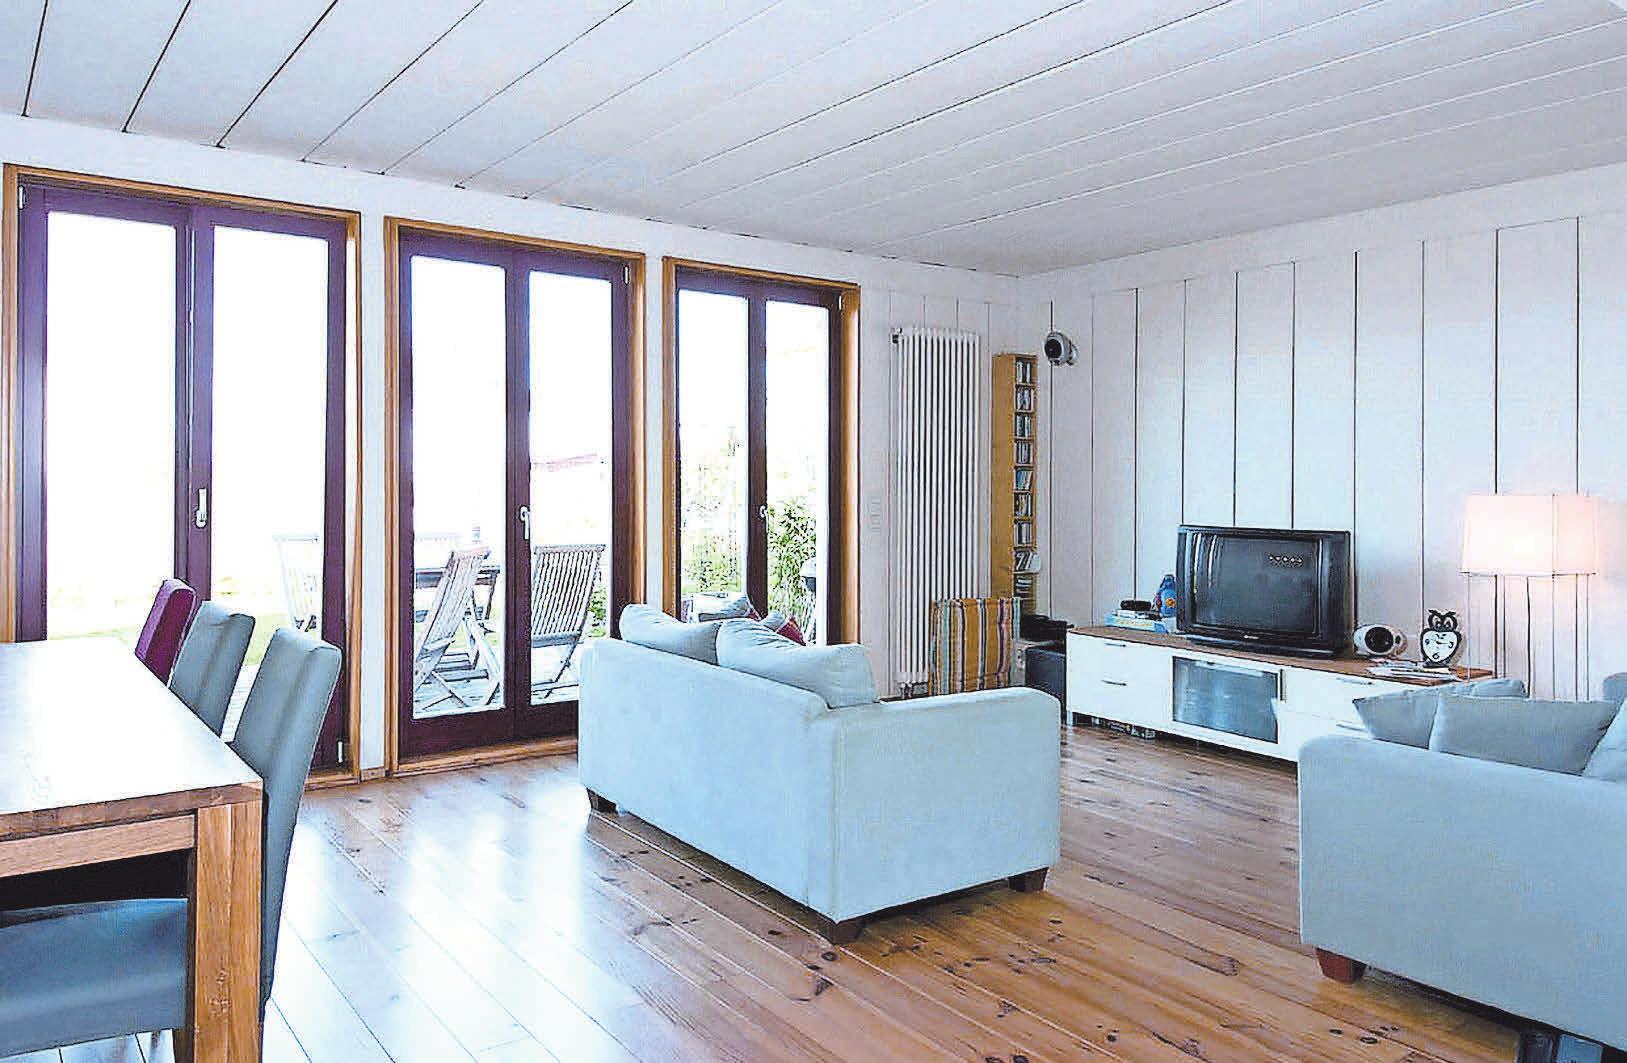 Holz im Innenbereich wirkt sich nachweislich positiv auf das menschliche Wohlbefinden aus. Foto: Holzabsatzfonds